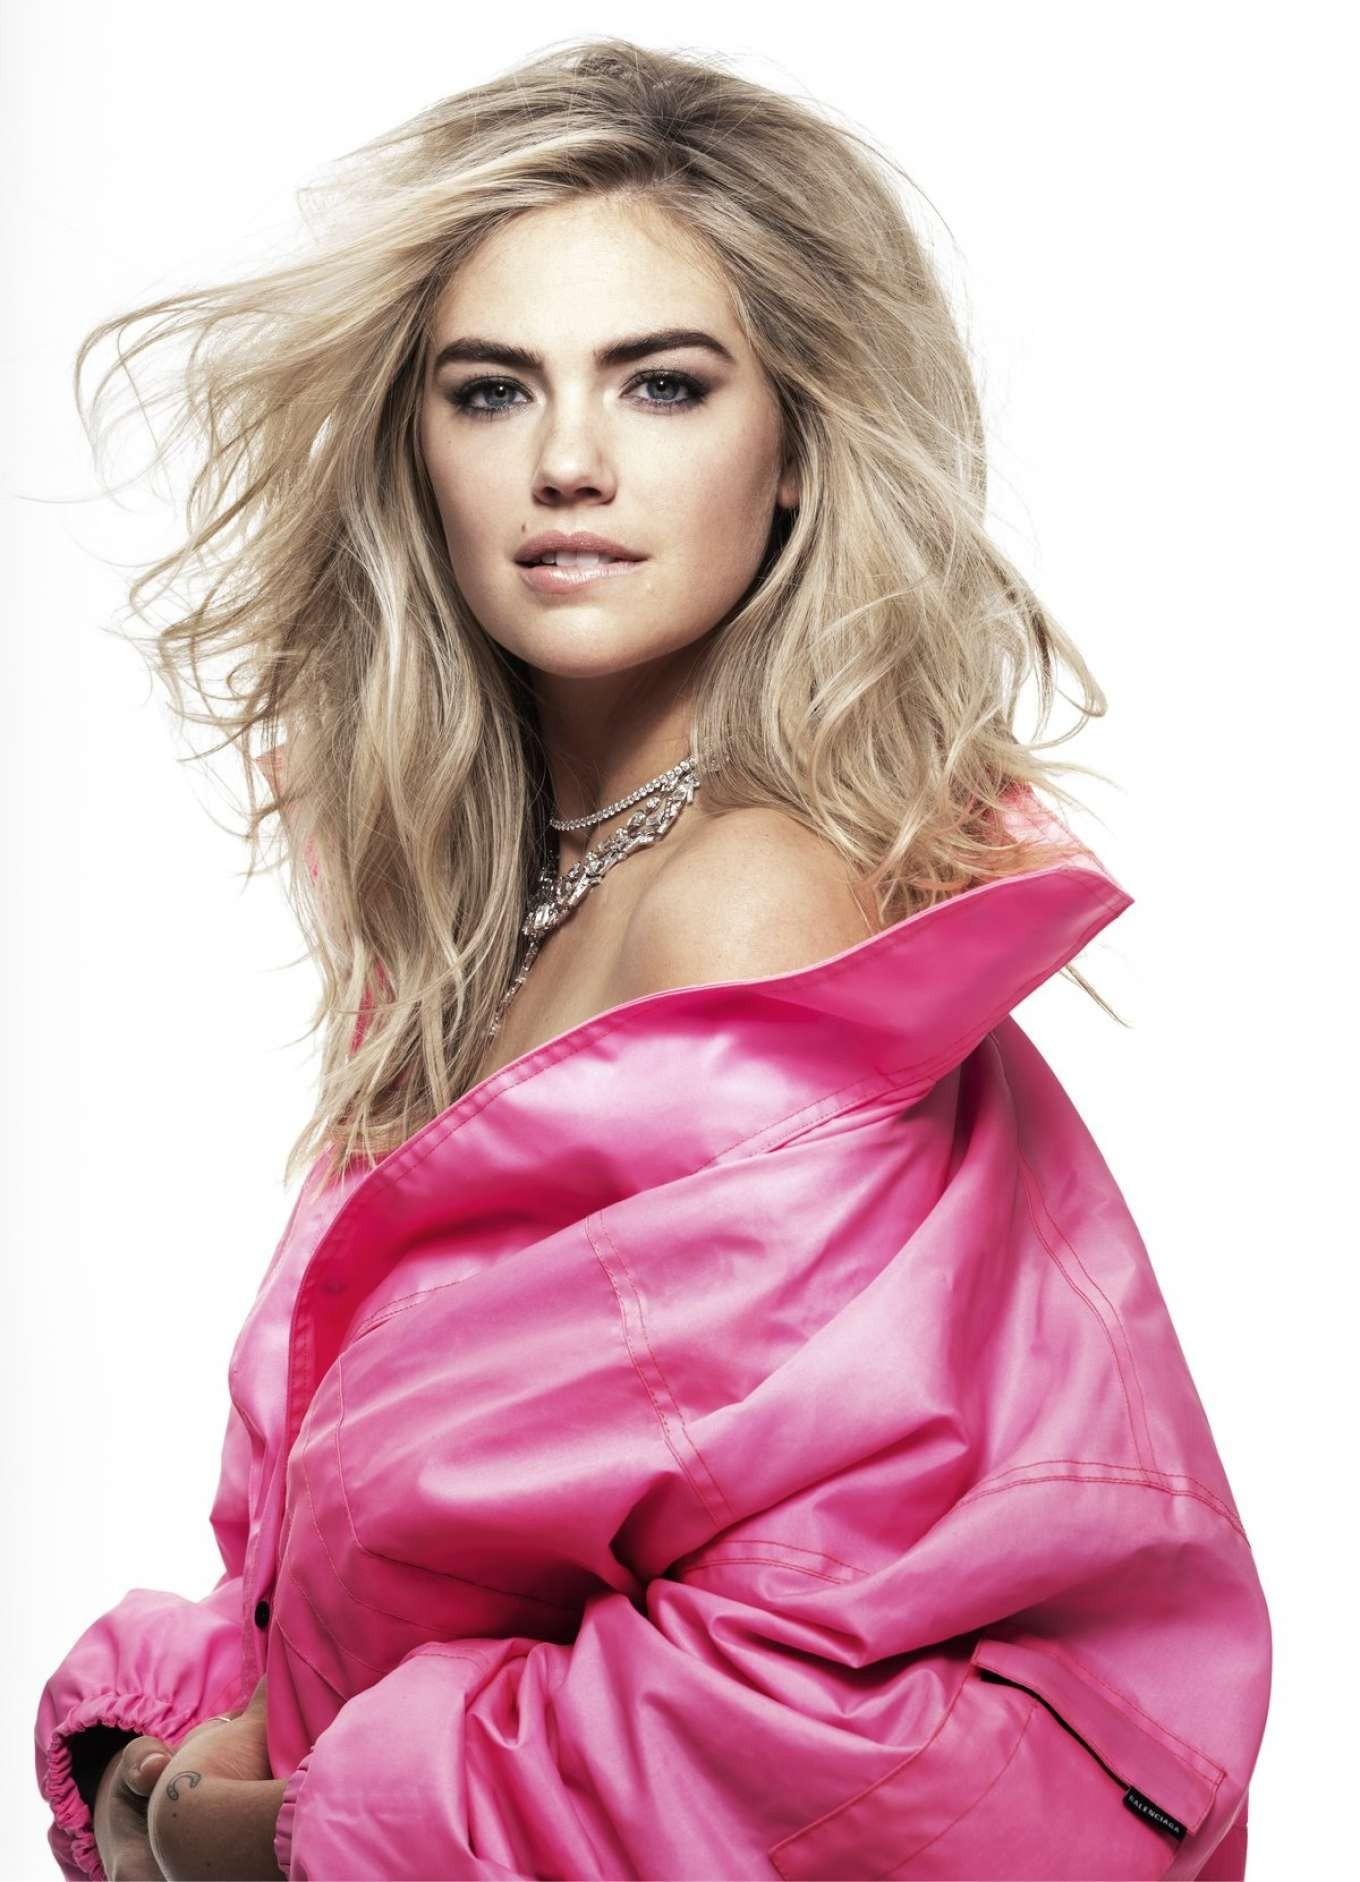 Kate Upton Pink Wallpaper